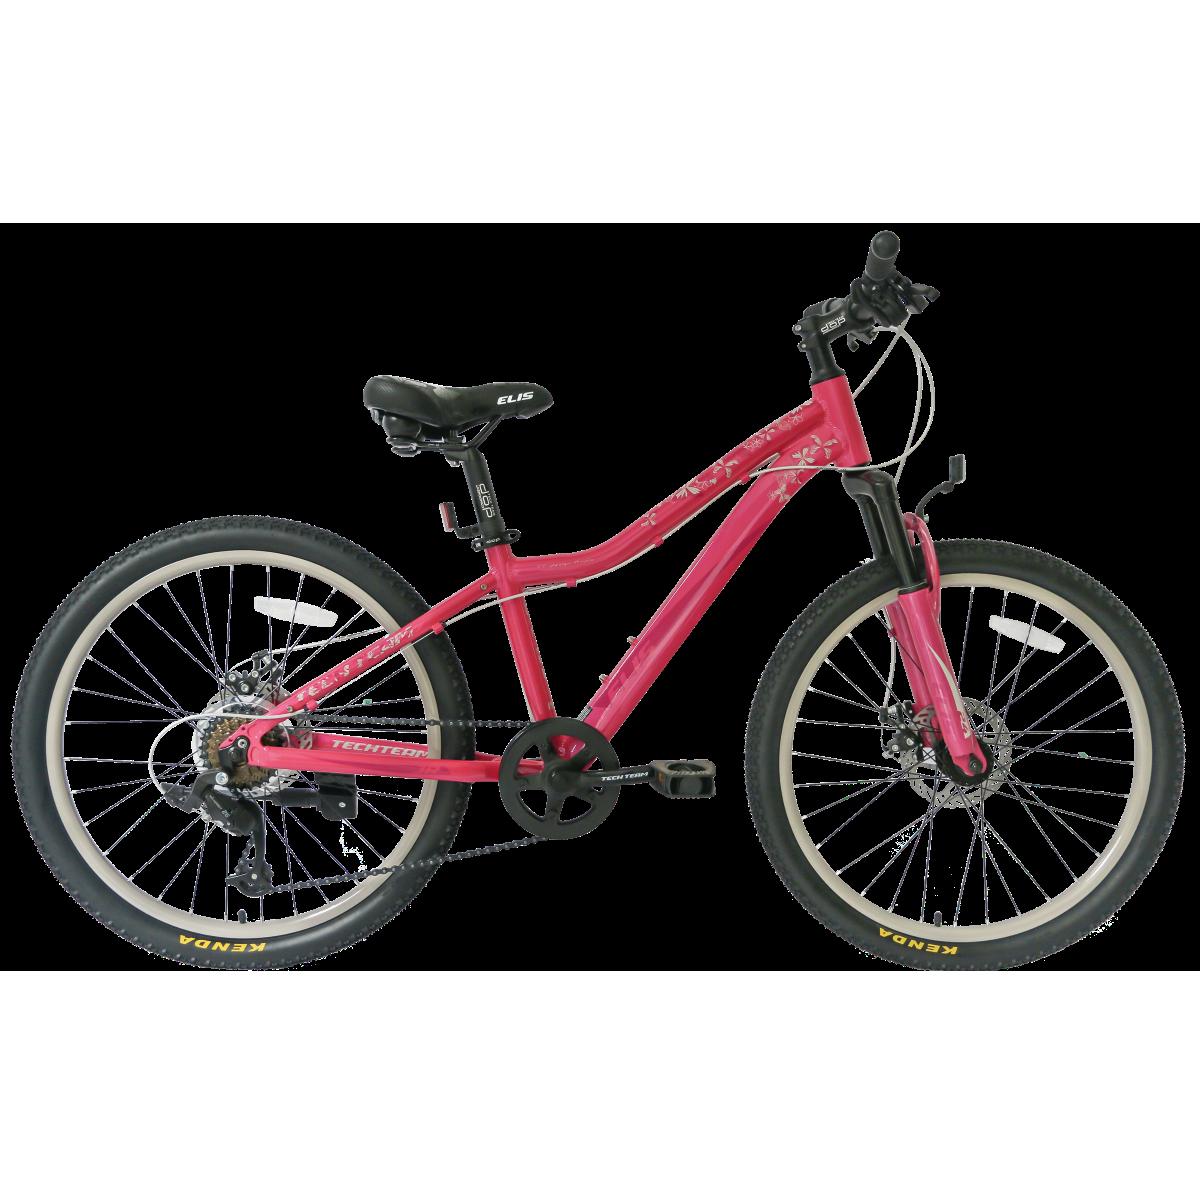 Женский велосипед TechTeam Elis 24 розовый